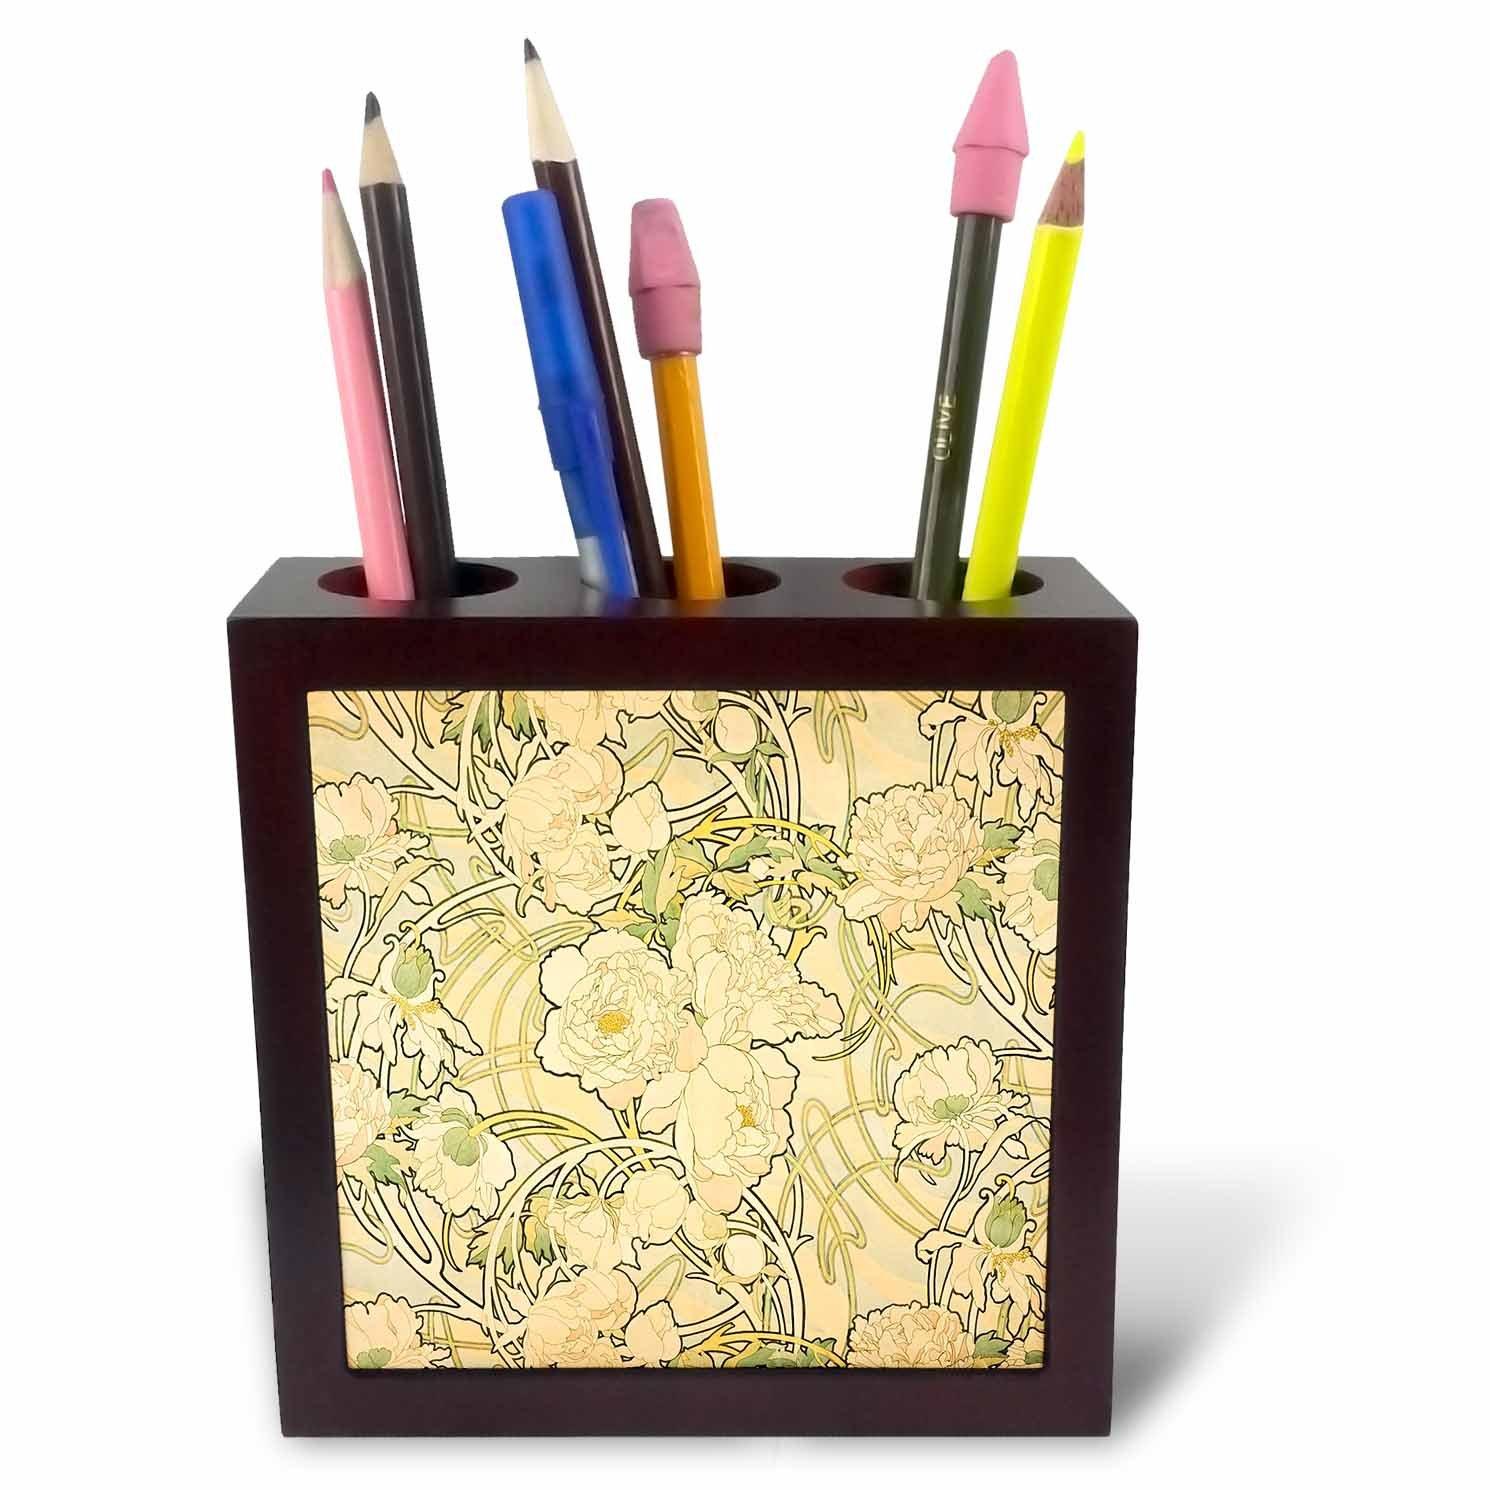 3dRose ph_245043_1 - Soporte para (5 bolígrafo de azulejos (5 para pulgadas, diseño de Alphonse Múltiples Peonías) 4042b5